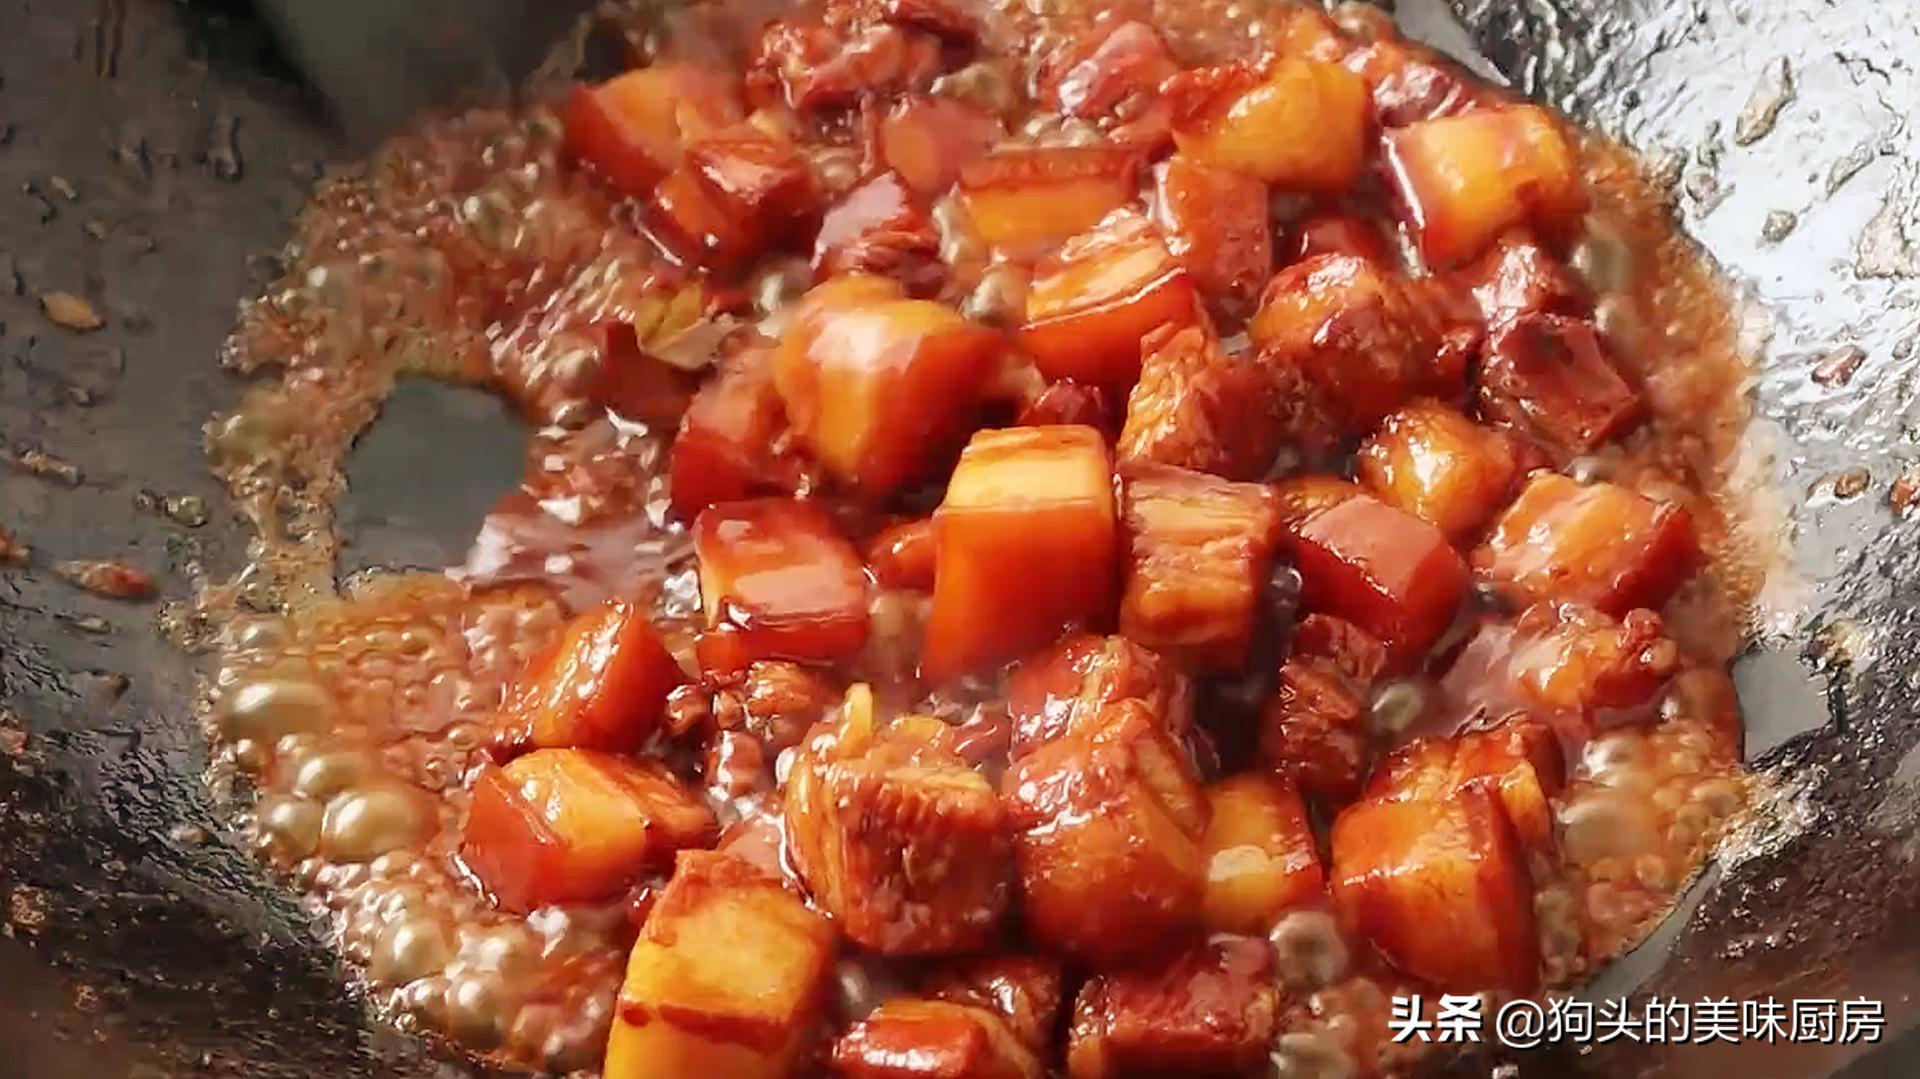 做红烧肉时,掌握这些小技巧,红烧肉不腥不柴,软烂入味口感好 美食做法 第15张